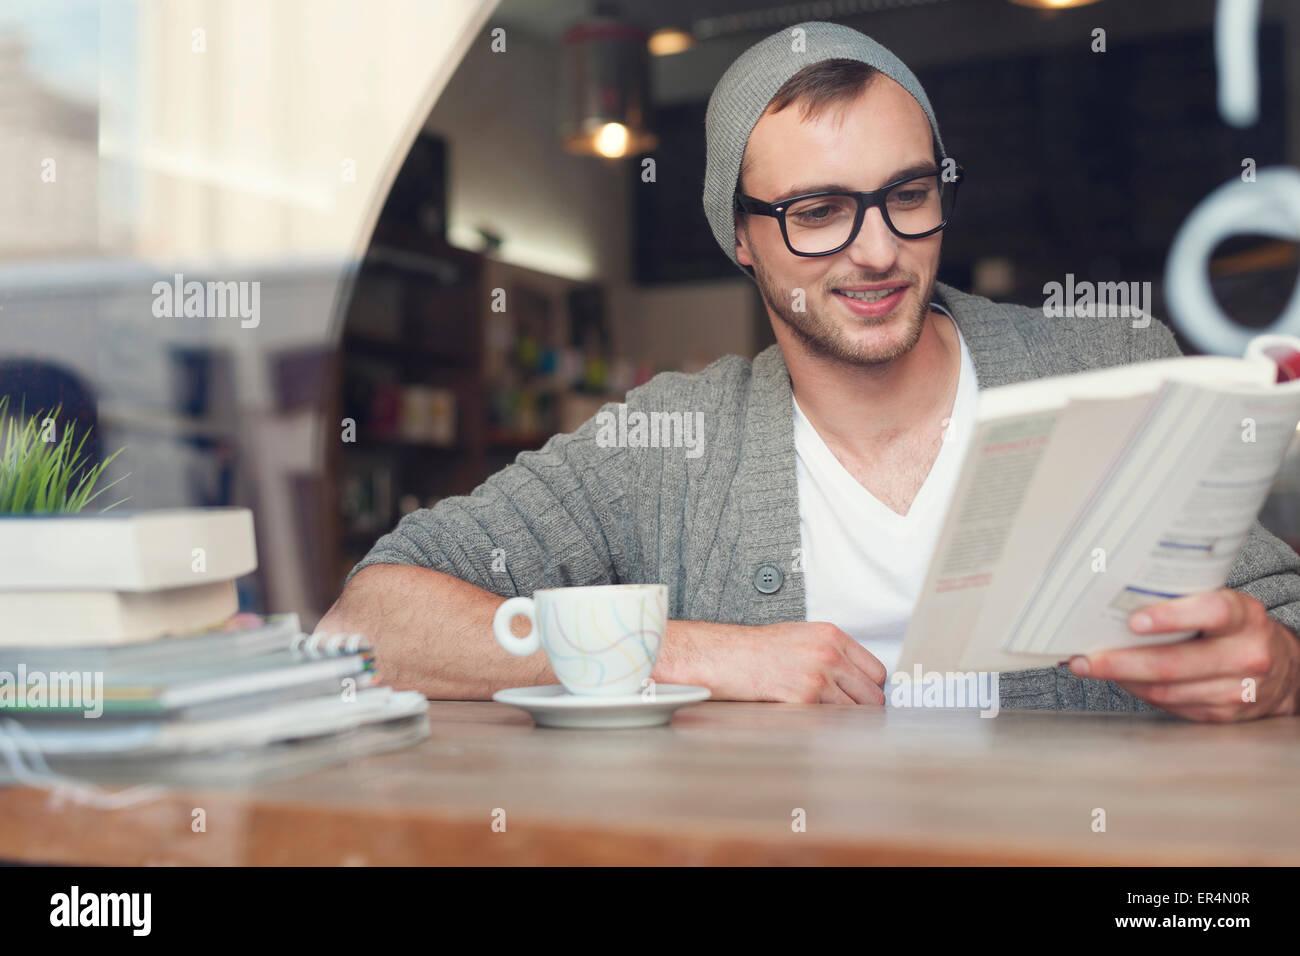 Lächelnd Hipster Mann Lesebuch im Café. Krakau, Polen Stockbild